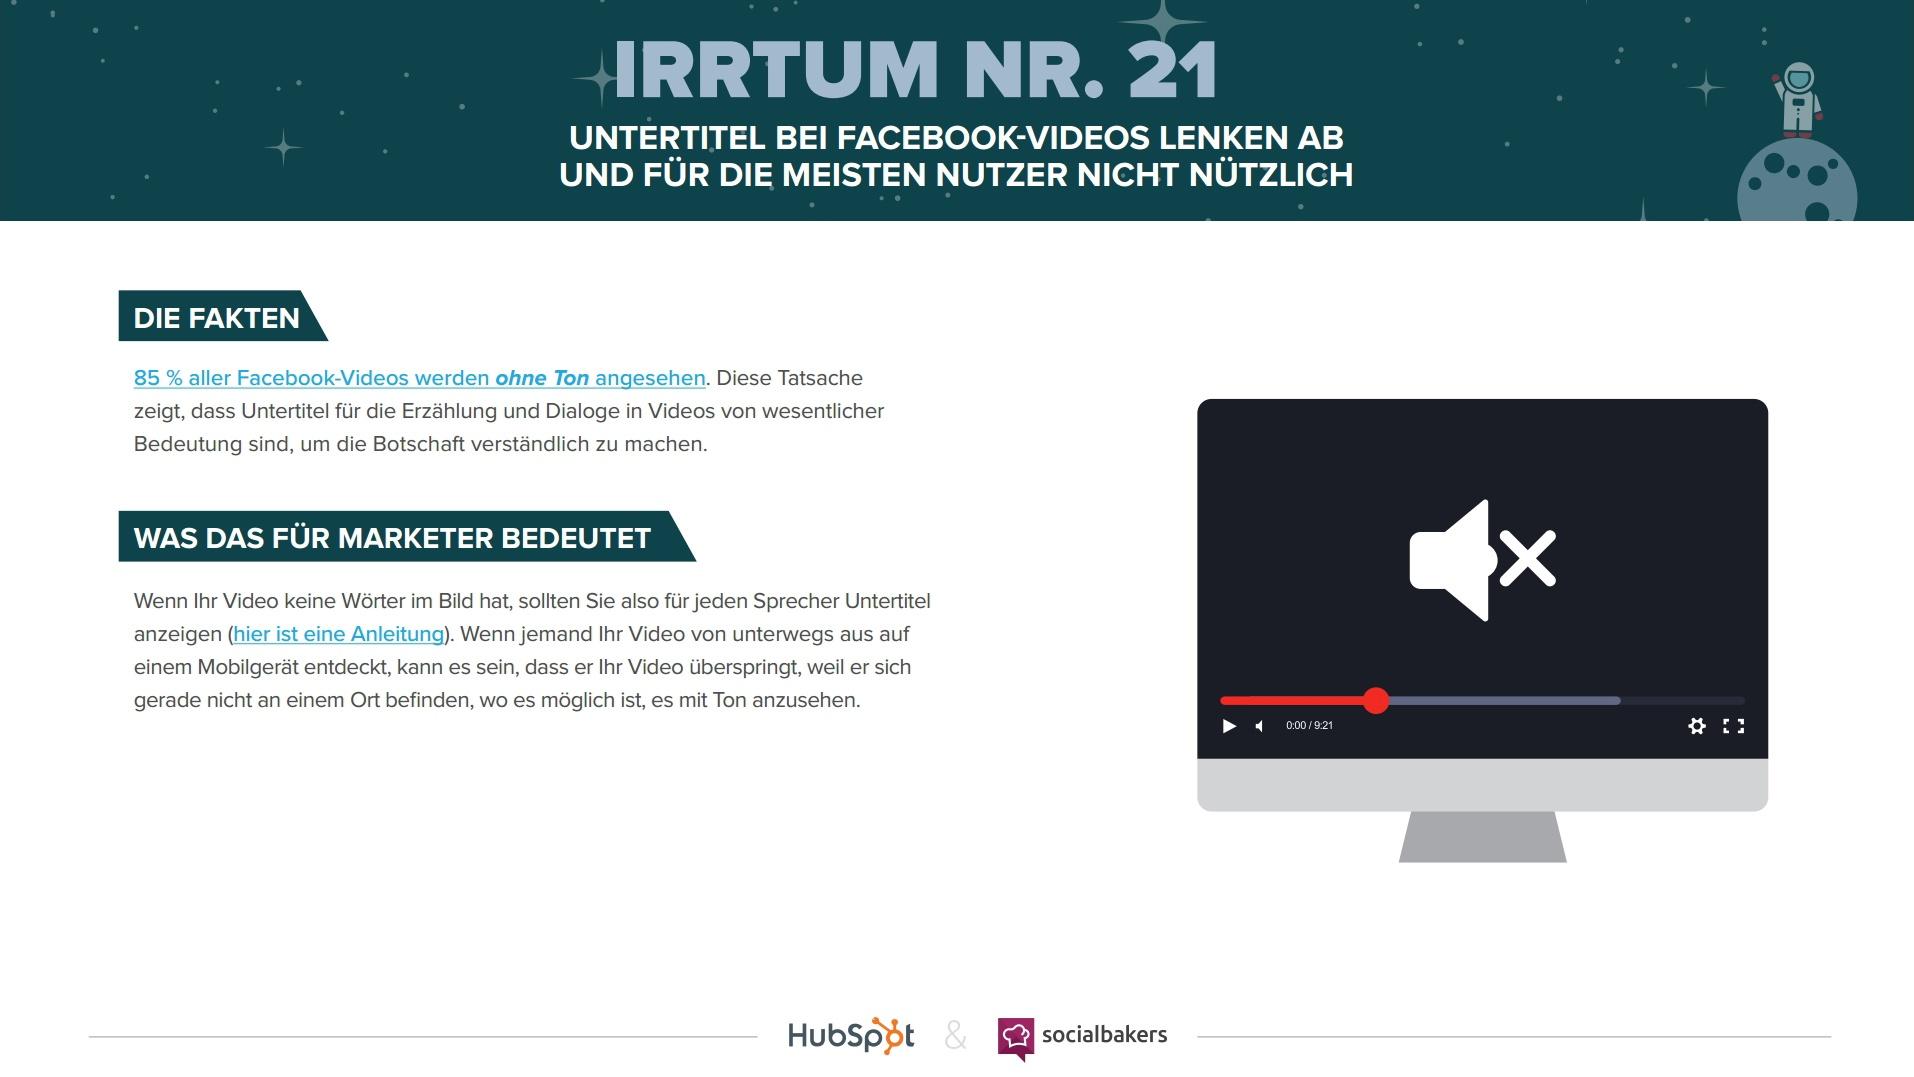 HubSpot & Socialbakers – 24 Irrtümer zum Marketing auf Facebook – Vorschau